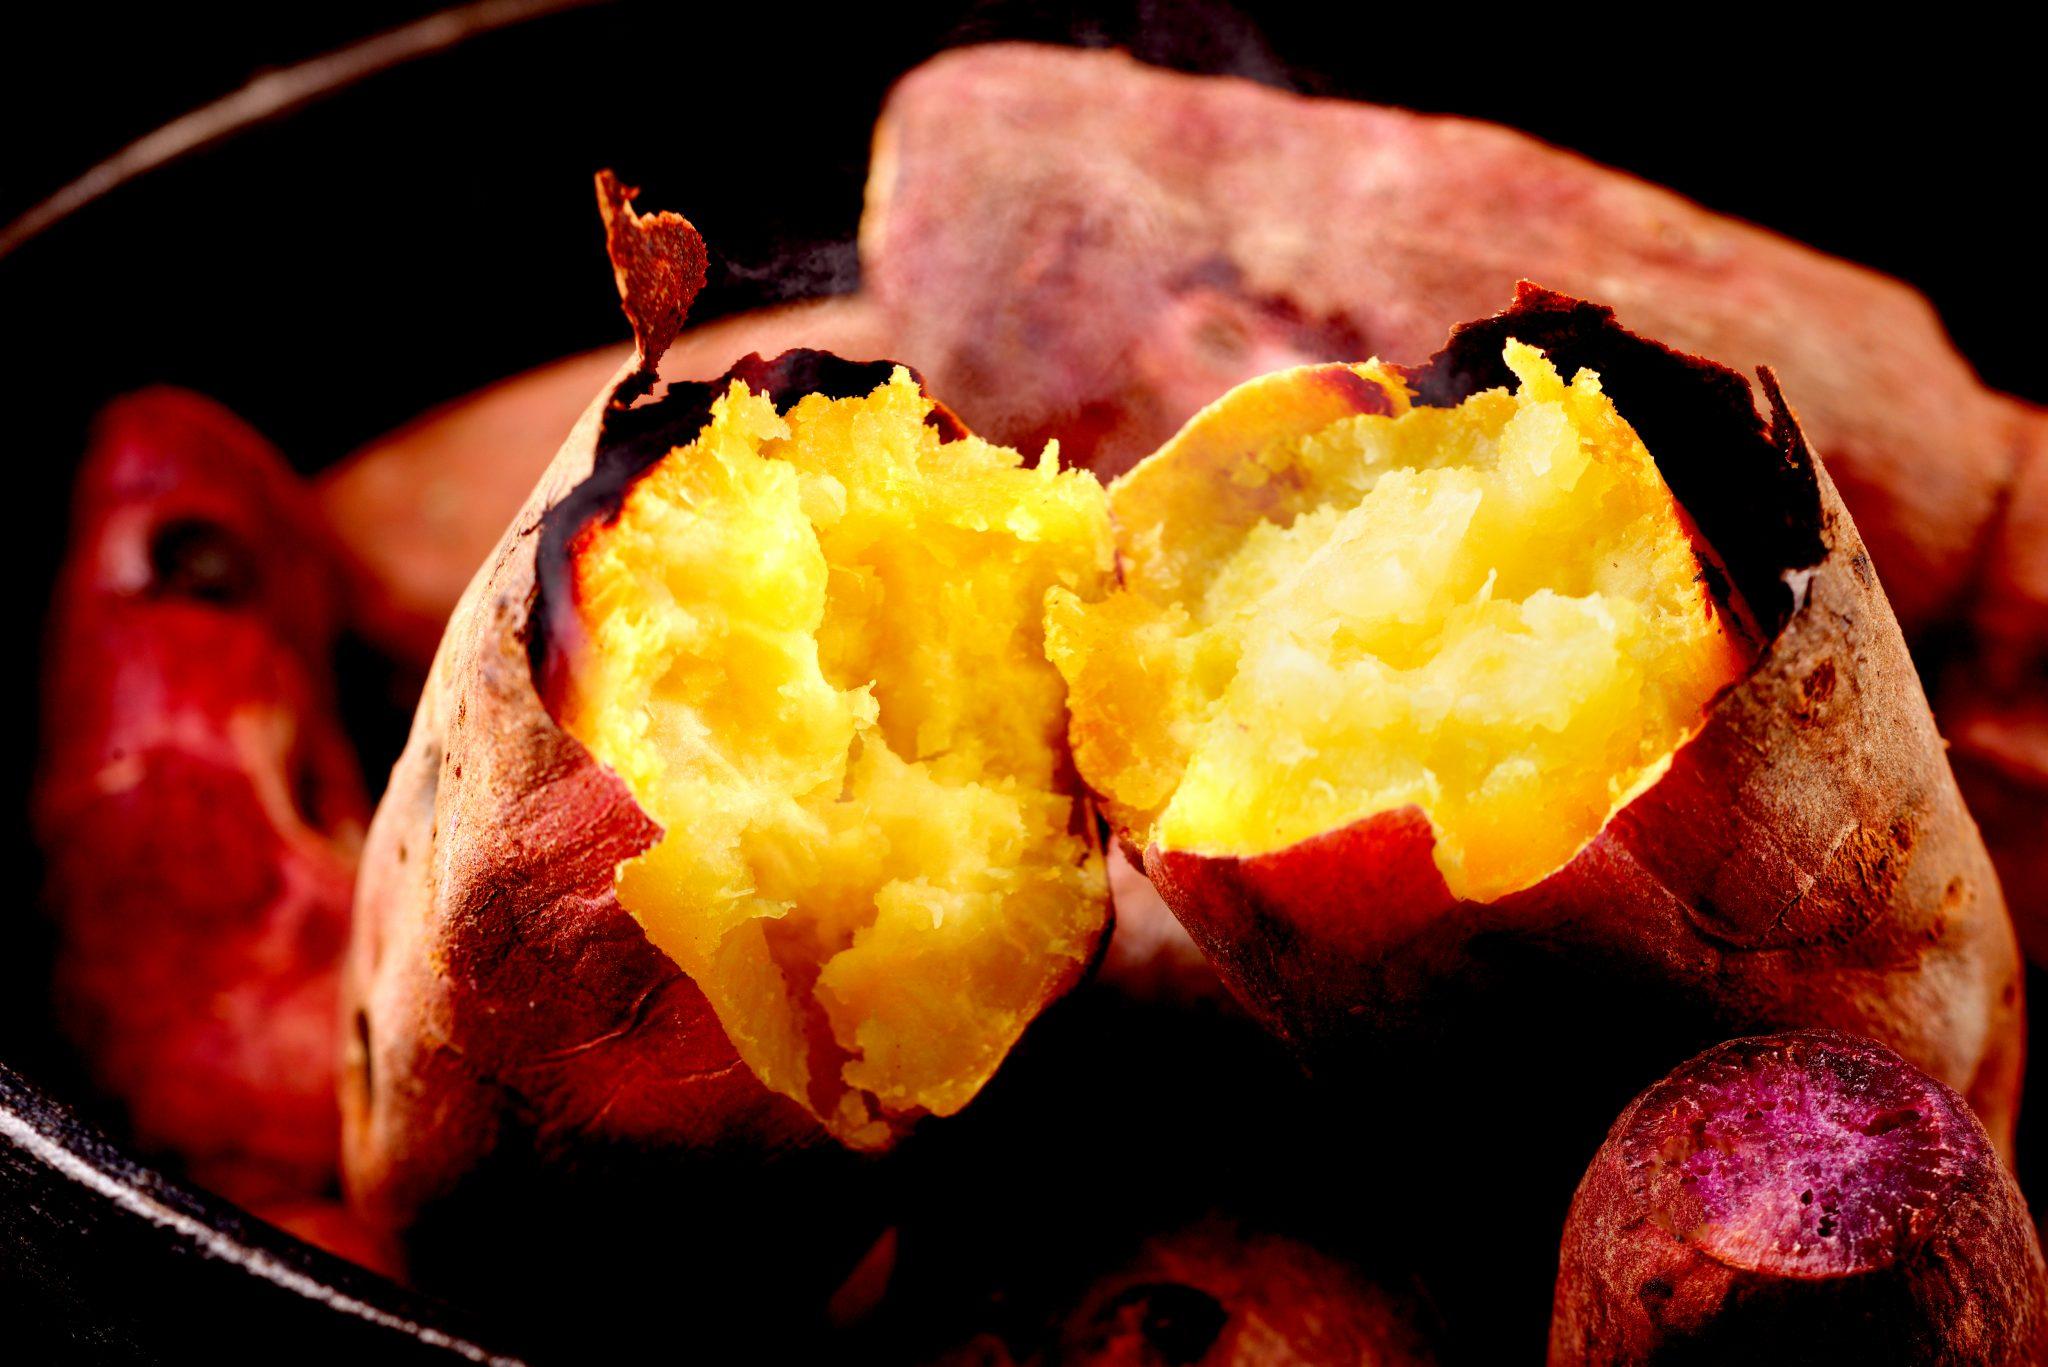 新鮮なサツマイモで作った焼き芋